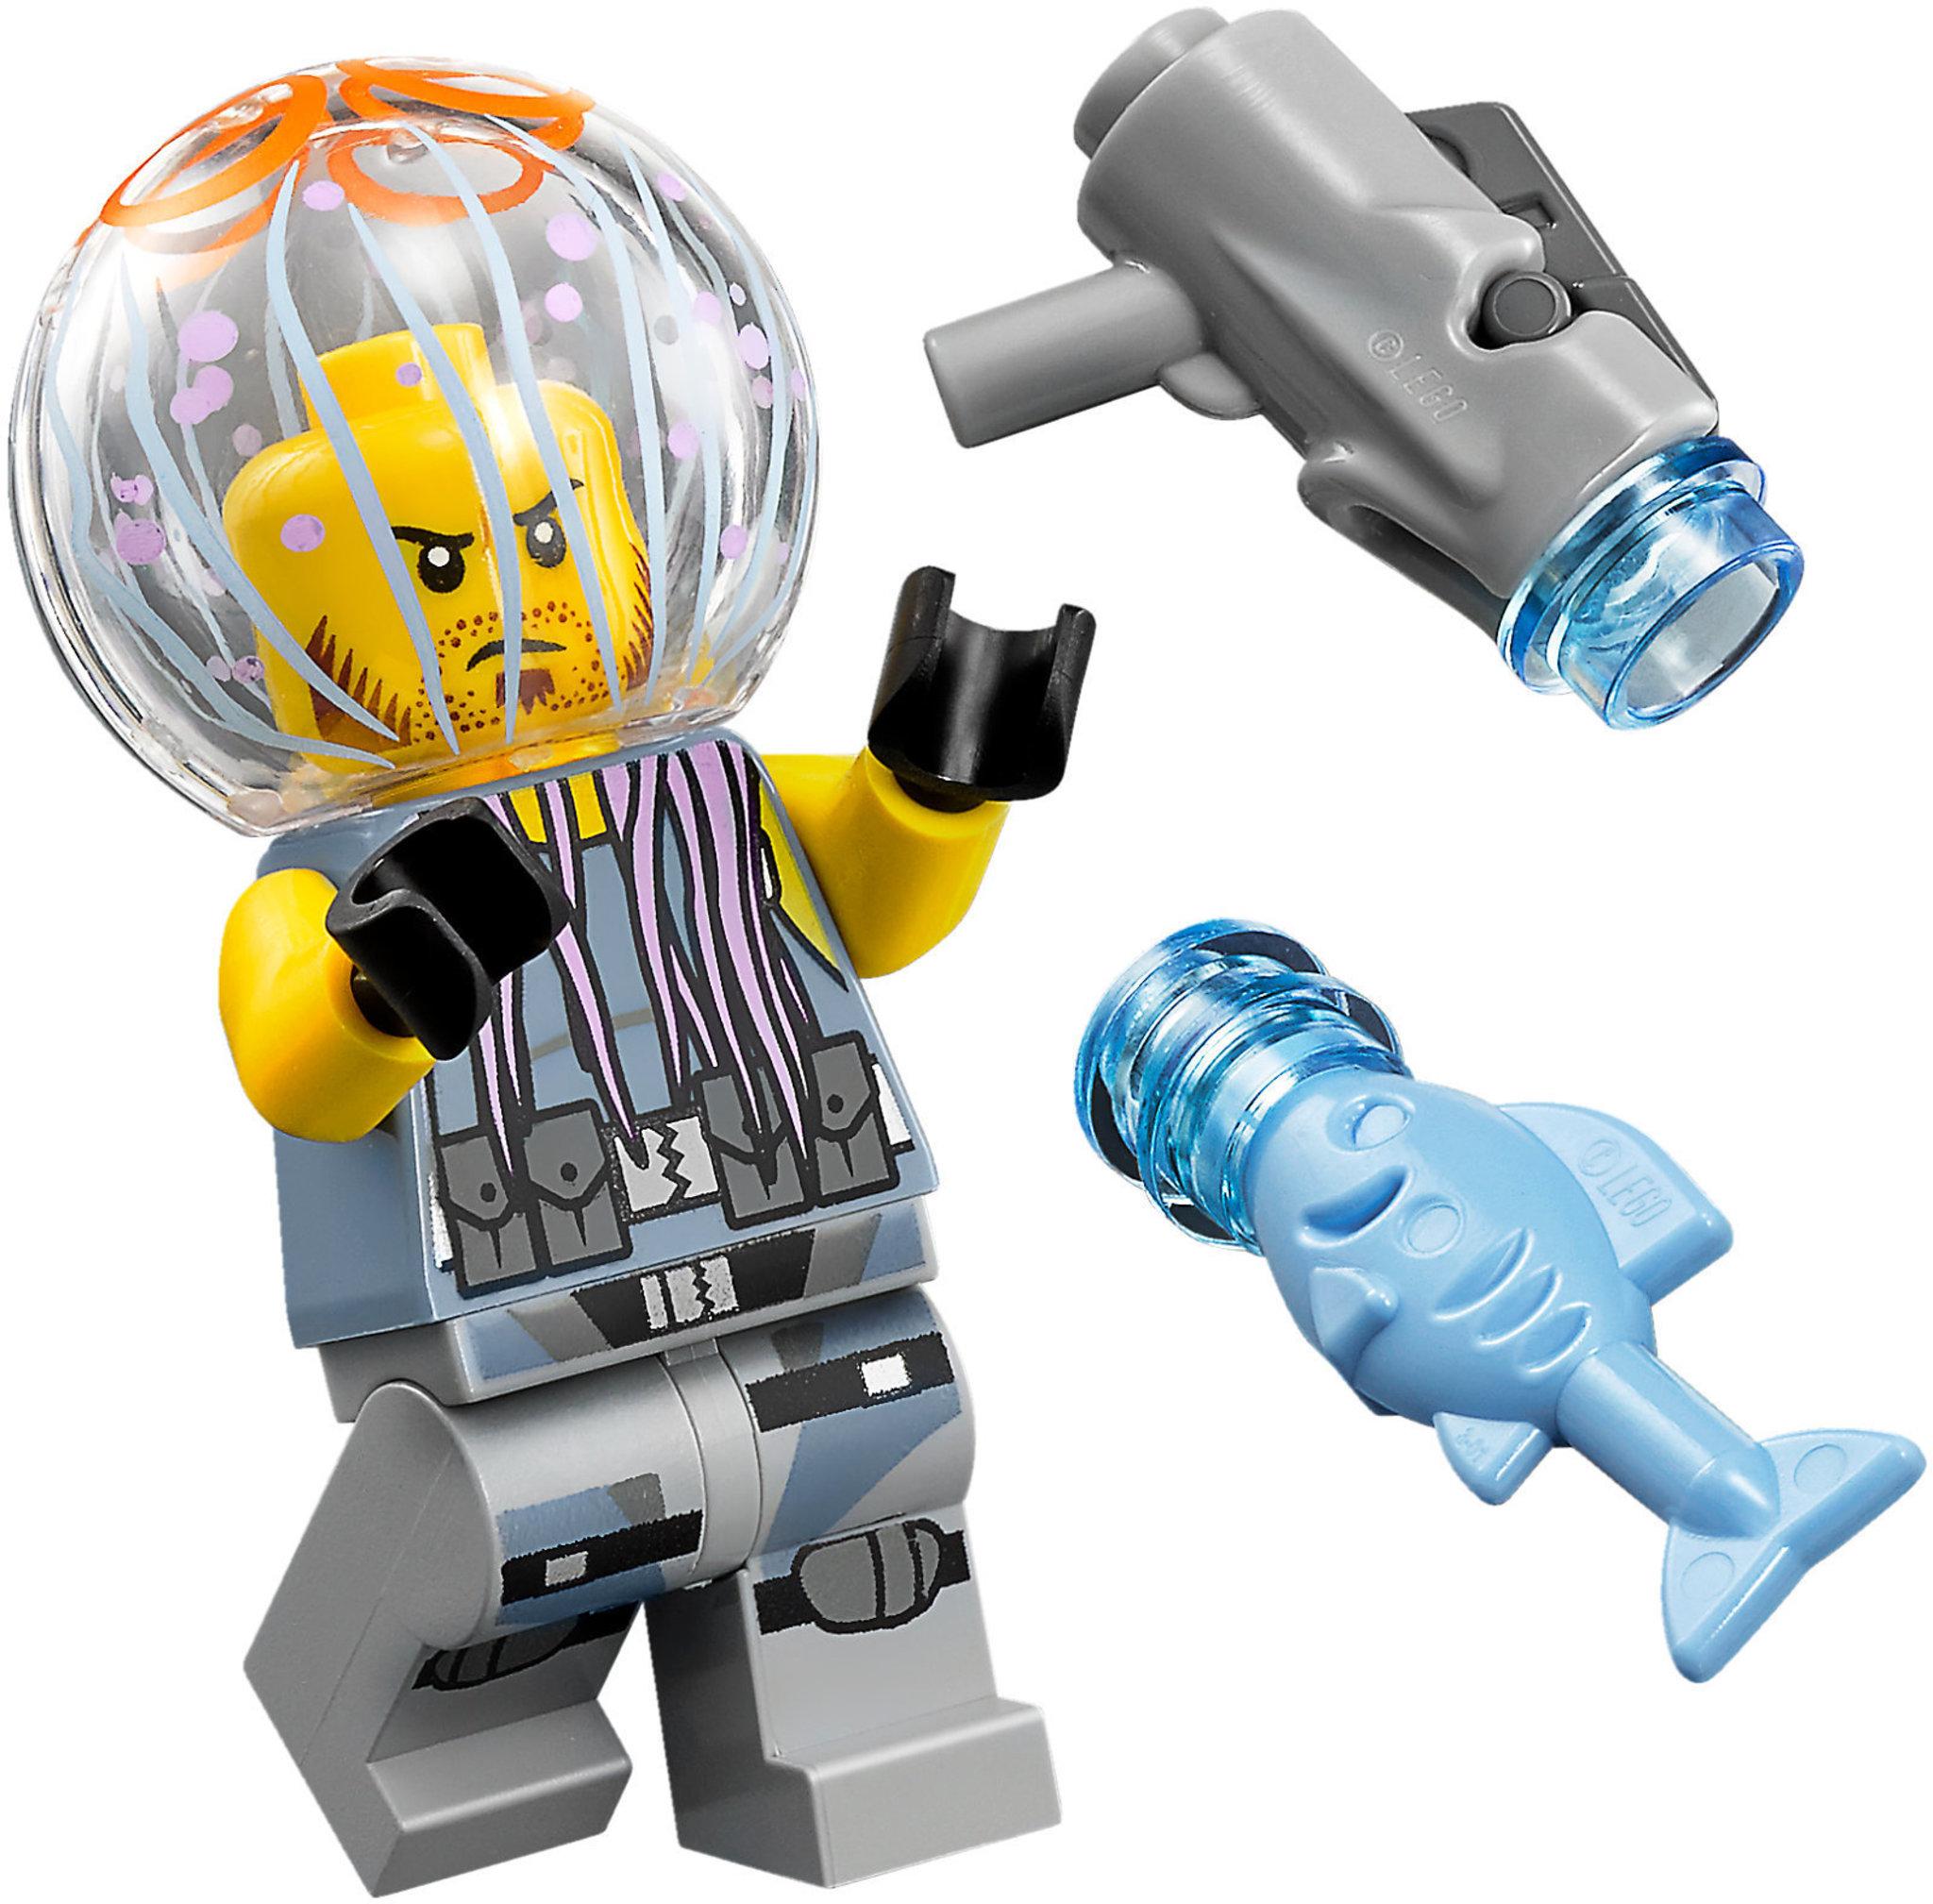 Lego 10x Platte 1x1 rund 4073 neu-grau NEU egrn9